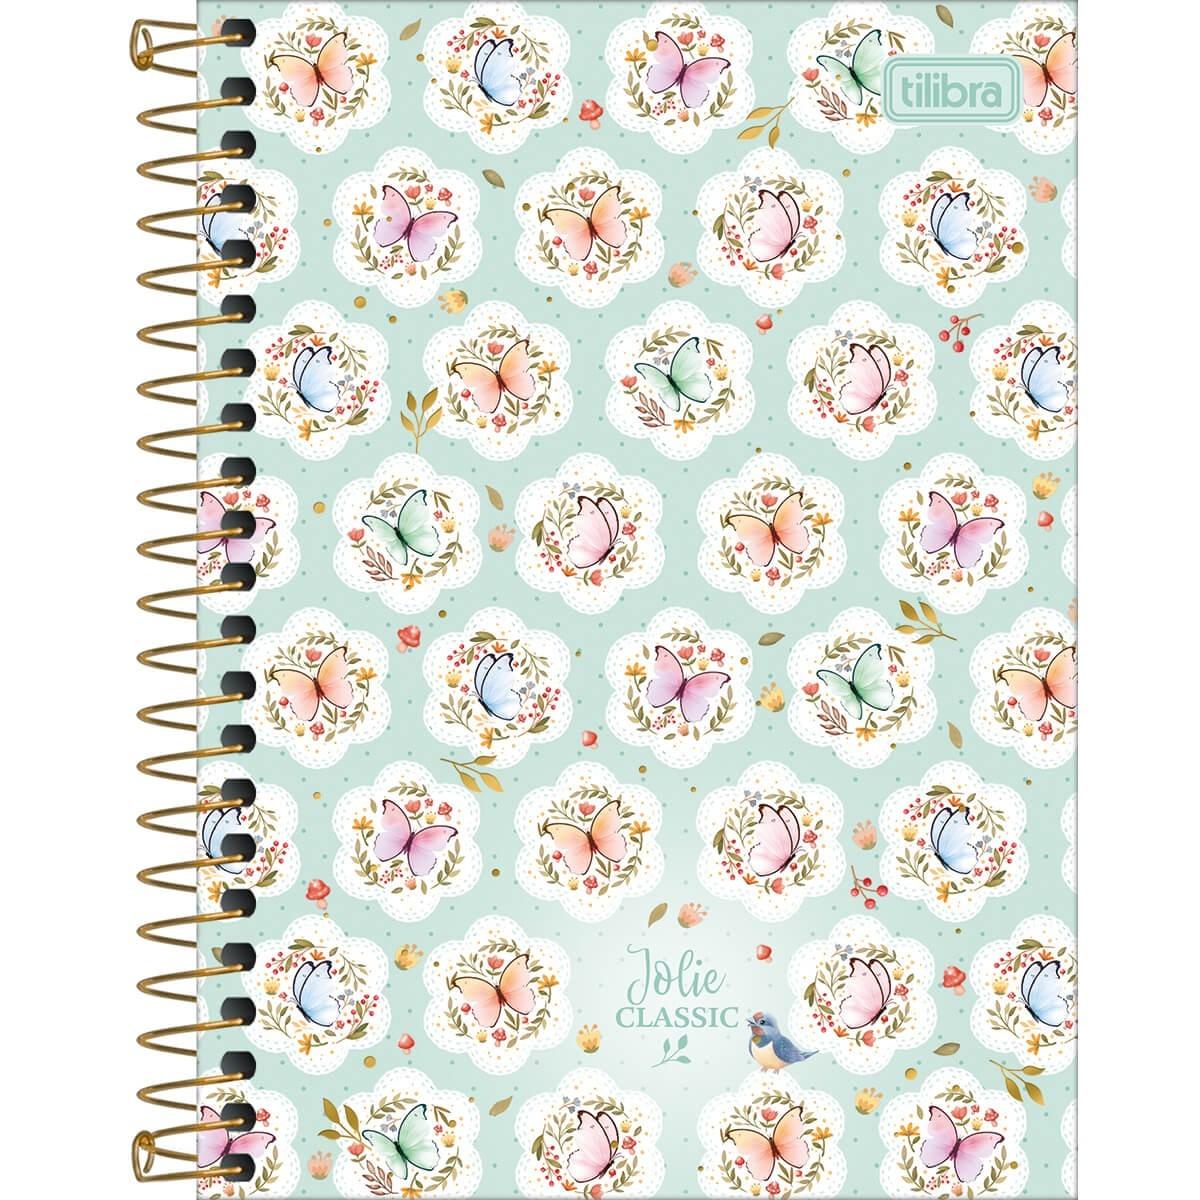 Caderno Médio 1/4 80 Folhas Tilibra - Jolie Classic